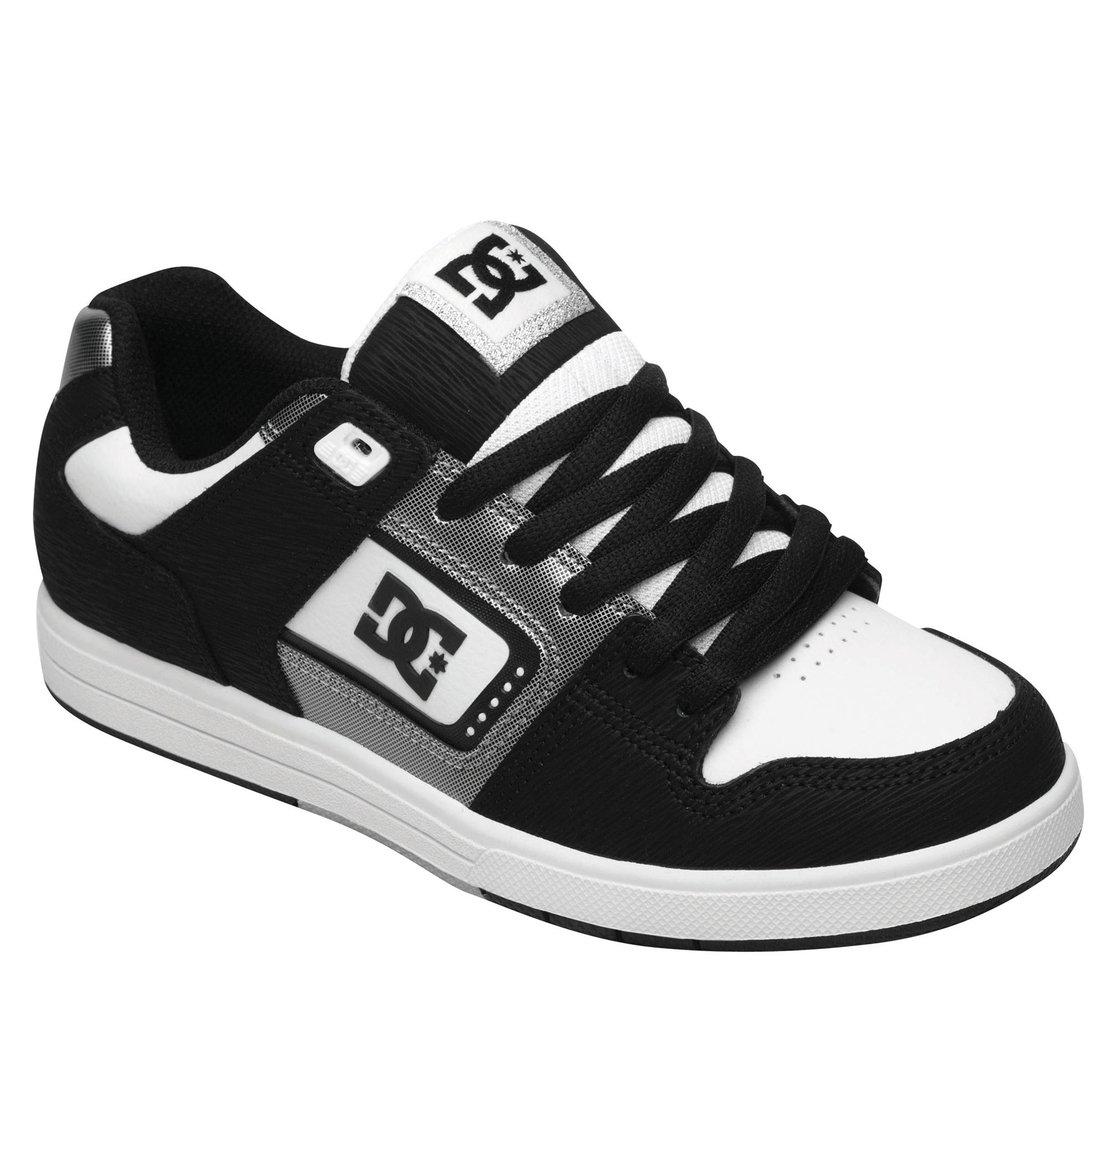 Unique Details About DC Shoes Women39s Heathrow Shoes ADJS700021